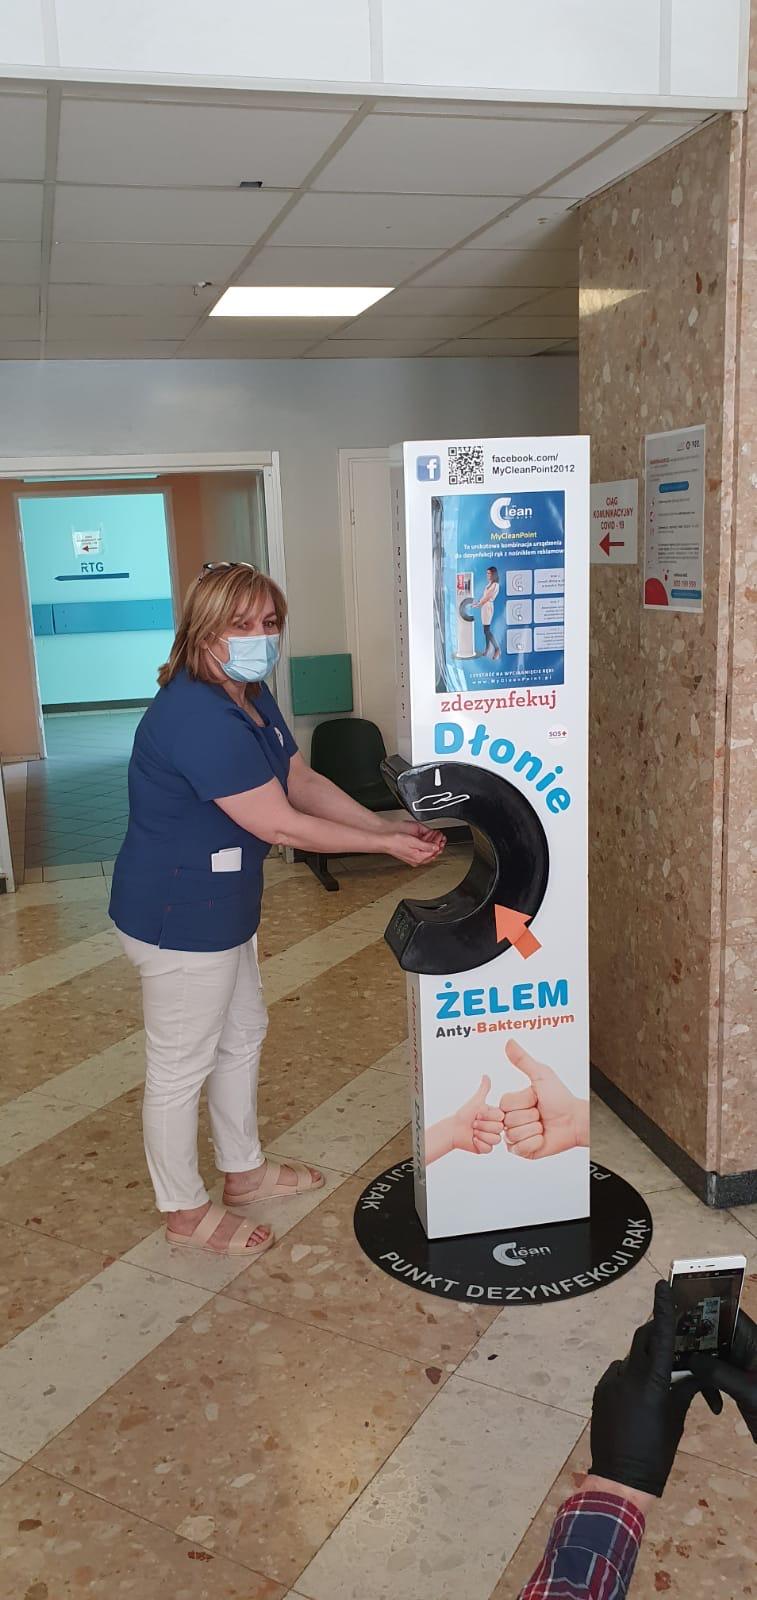 Urządzenia do dezynfekcji pacjentów szpitali